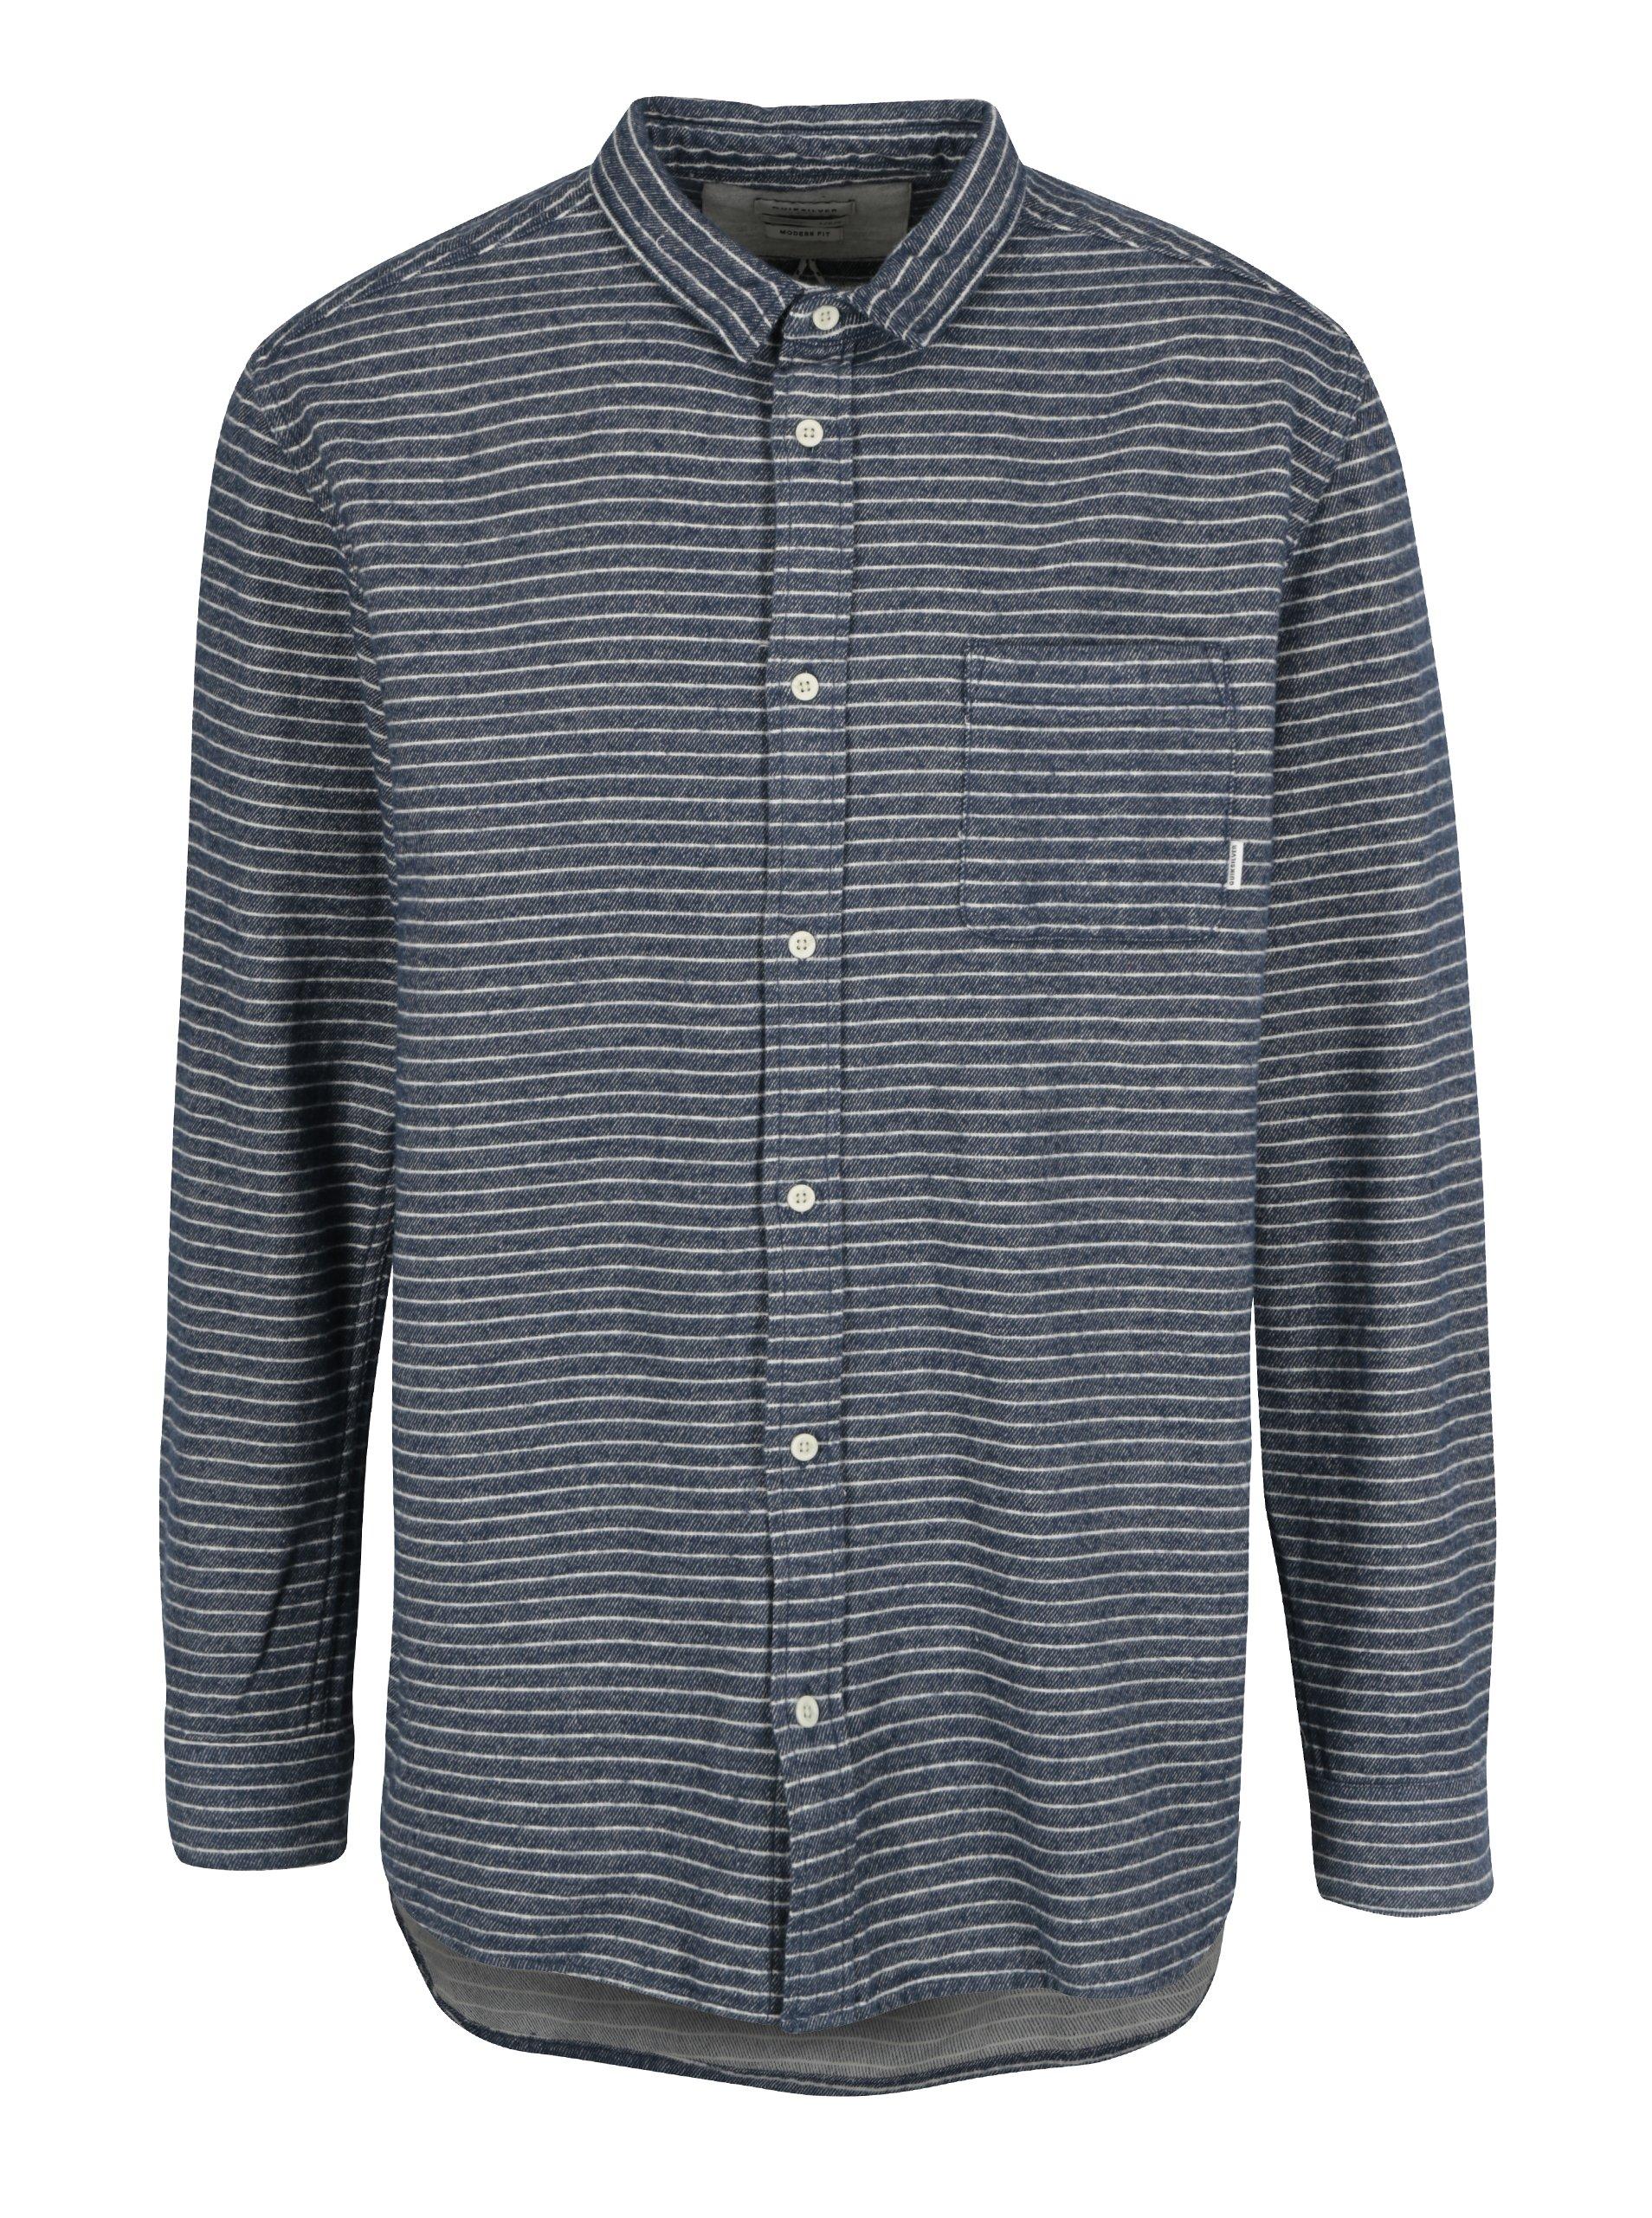 Modrá pánská flanelová modern fit košile Quiksilver